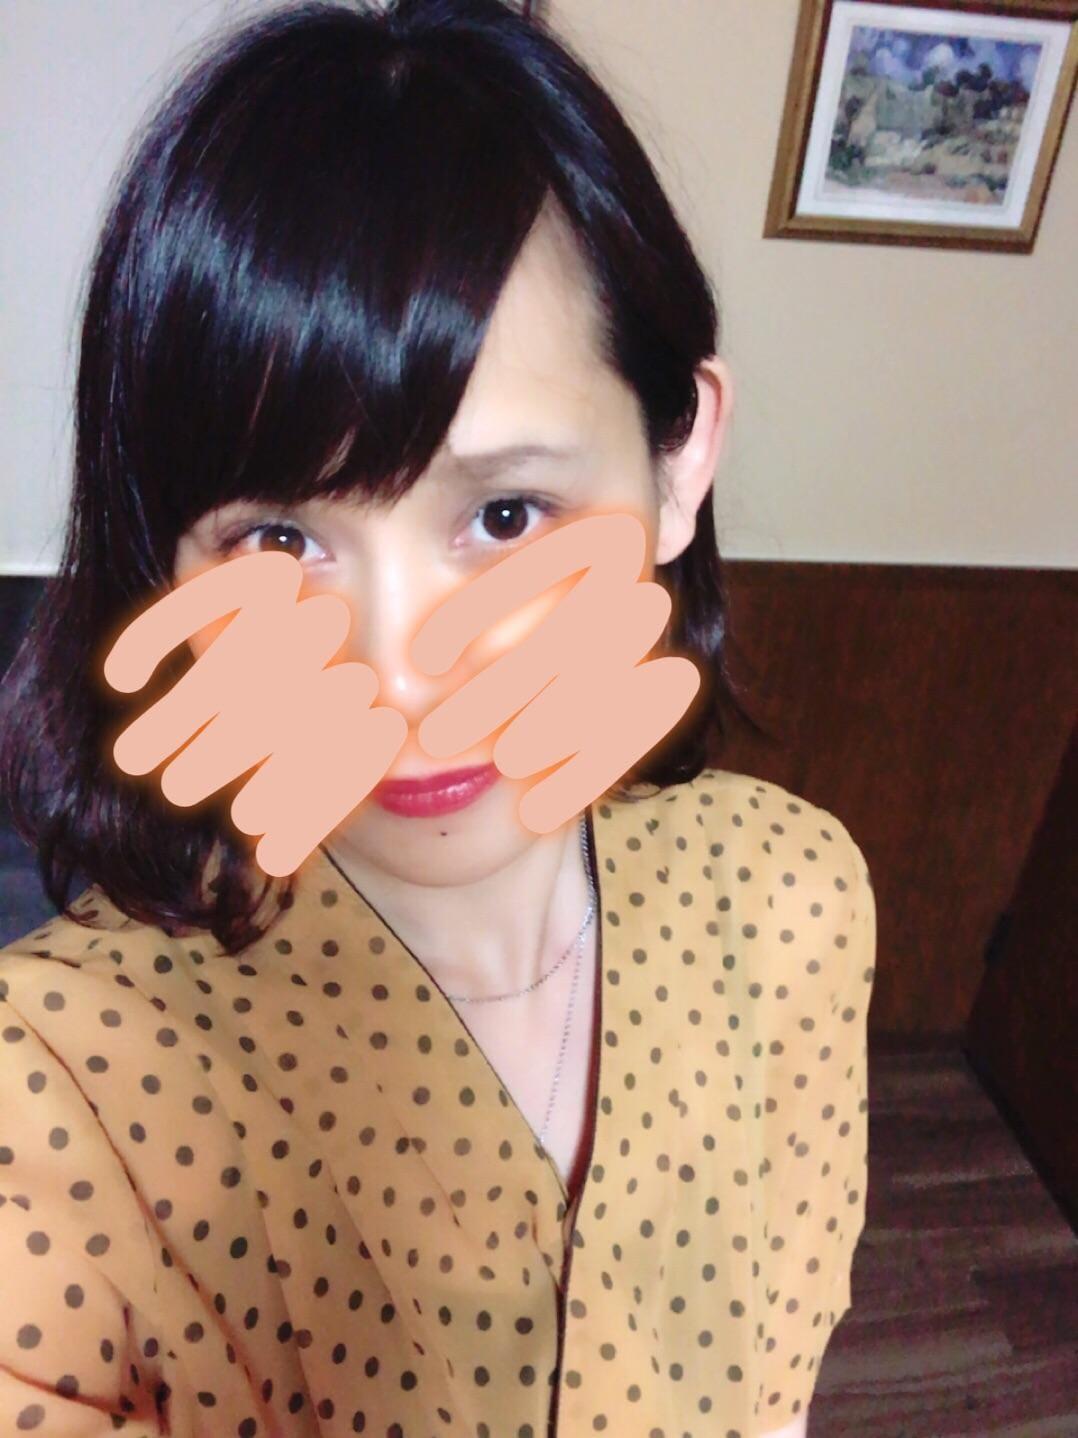 あつこ「おれい」12/12(水) 01:28   あつこの写メ・風俗動画